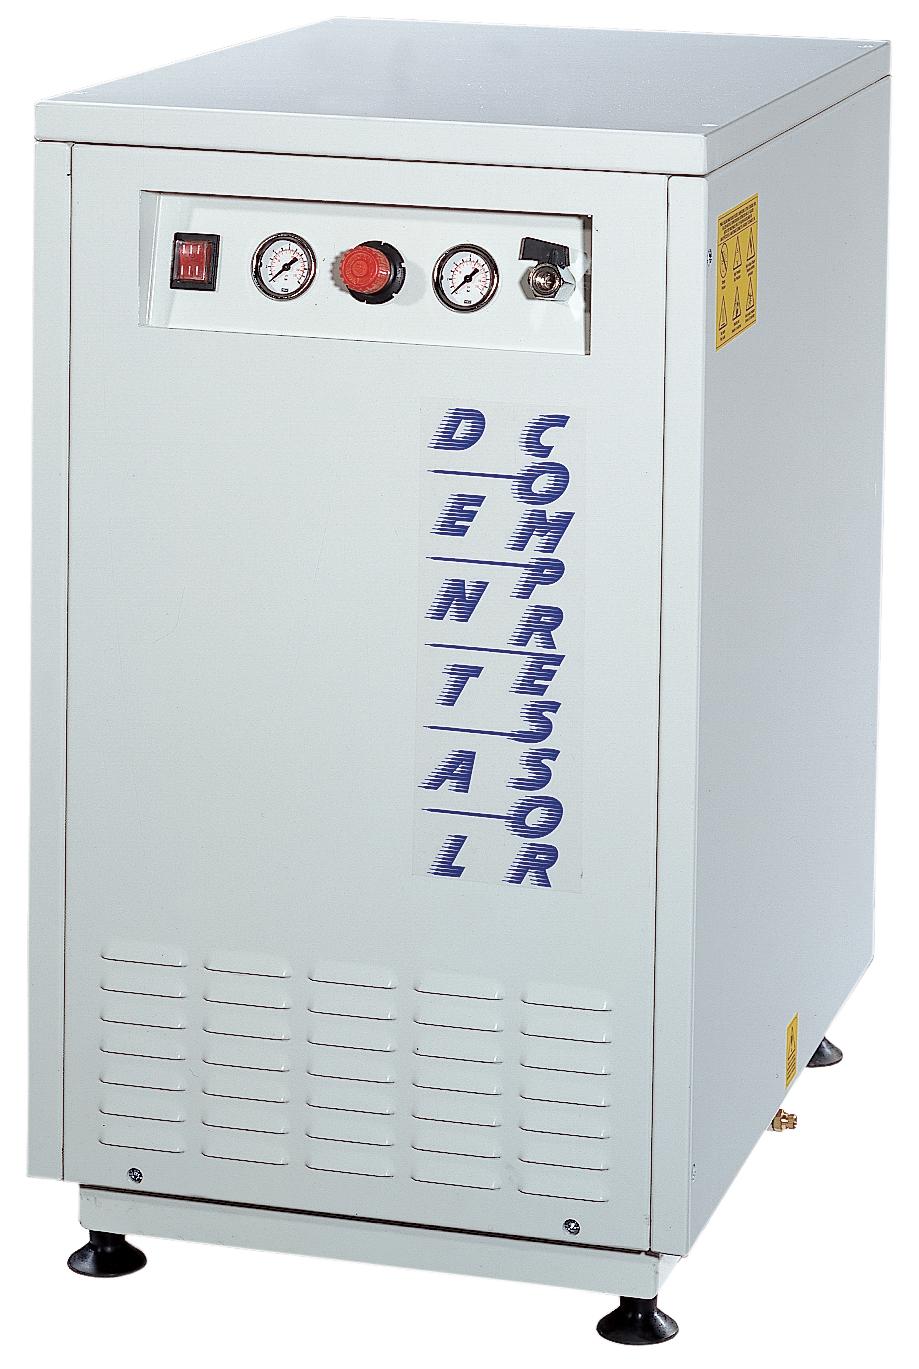 dental air compressor 30L